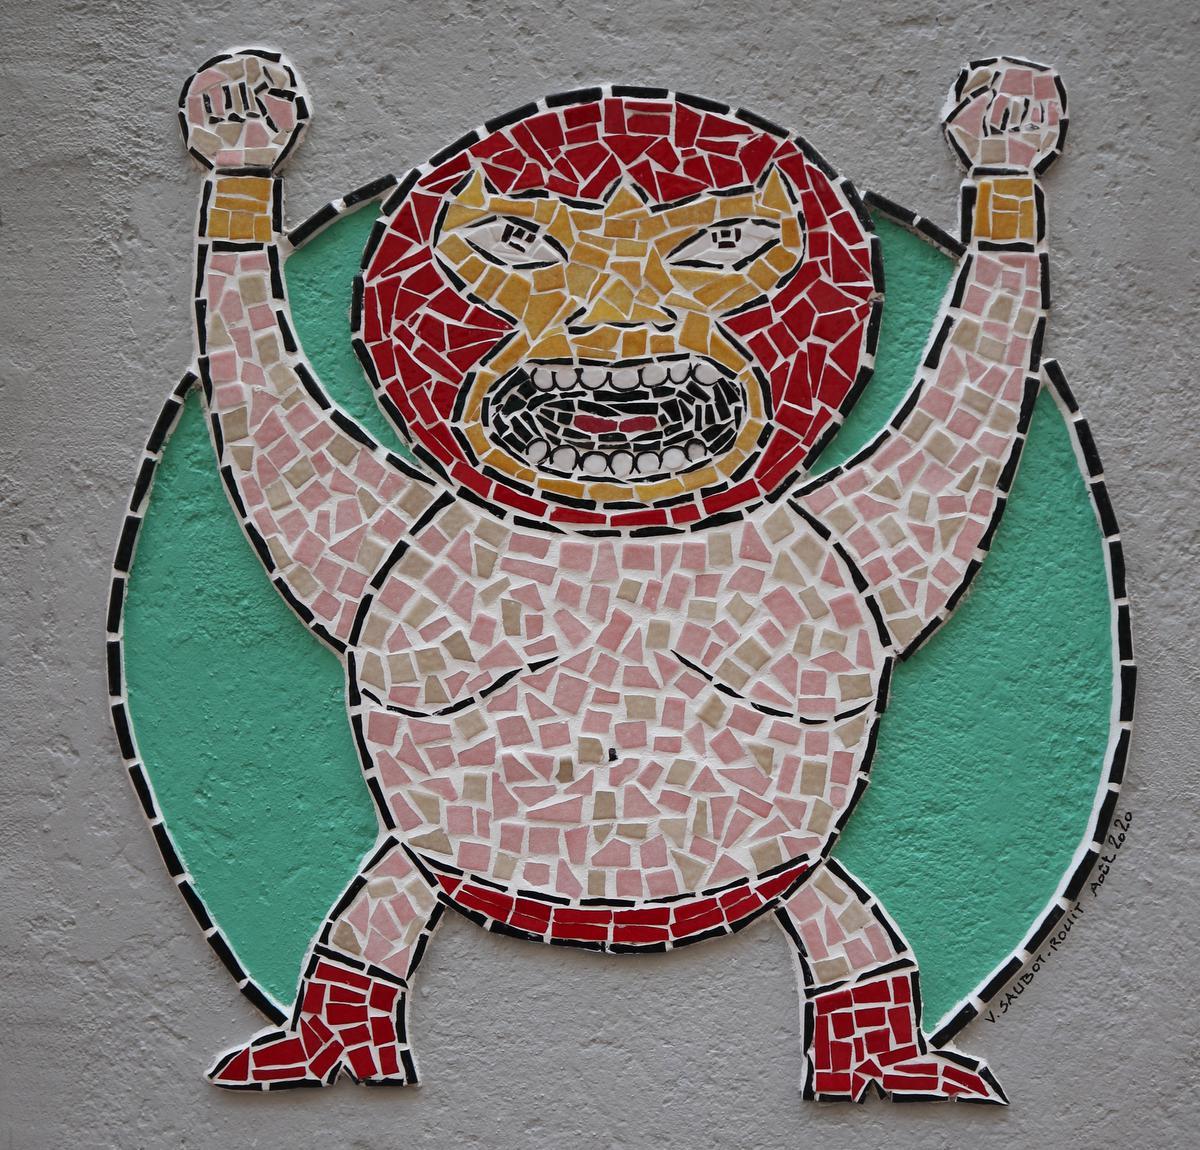 Wie goed kijkt, kan Mexicaans geïnspireerde kunst ontdekken op de gevels van Barcelonette. (foto SRA)